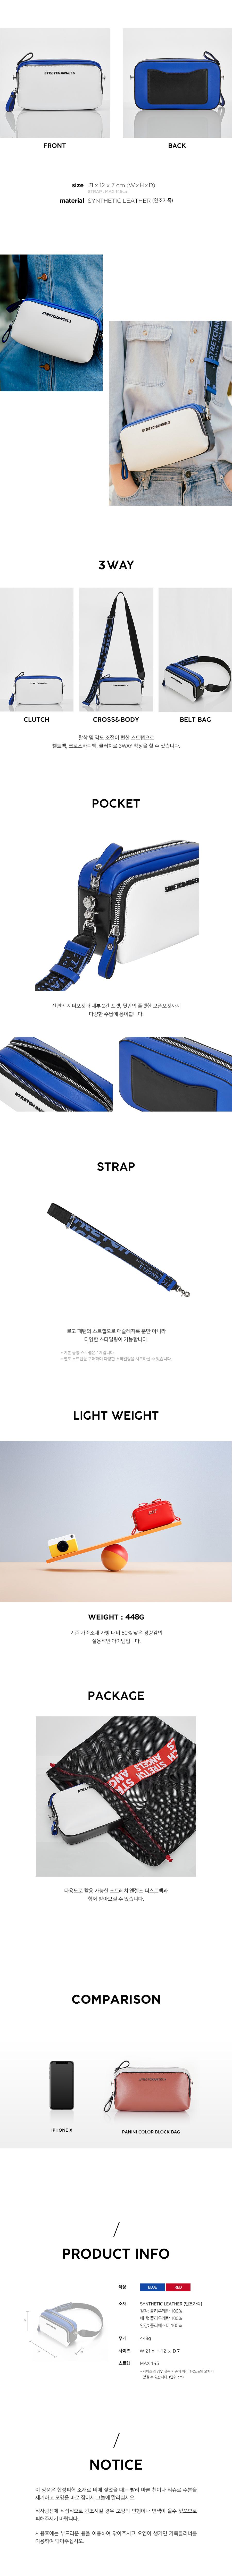 스트레치 엔젤스(STRETCH ANGELS) [파니니백]PANINI color block bag (Blue)